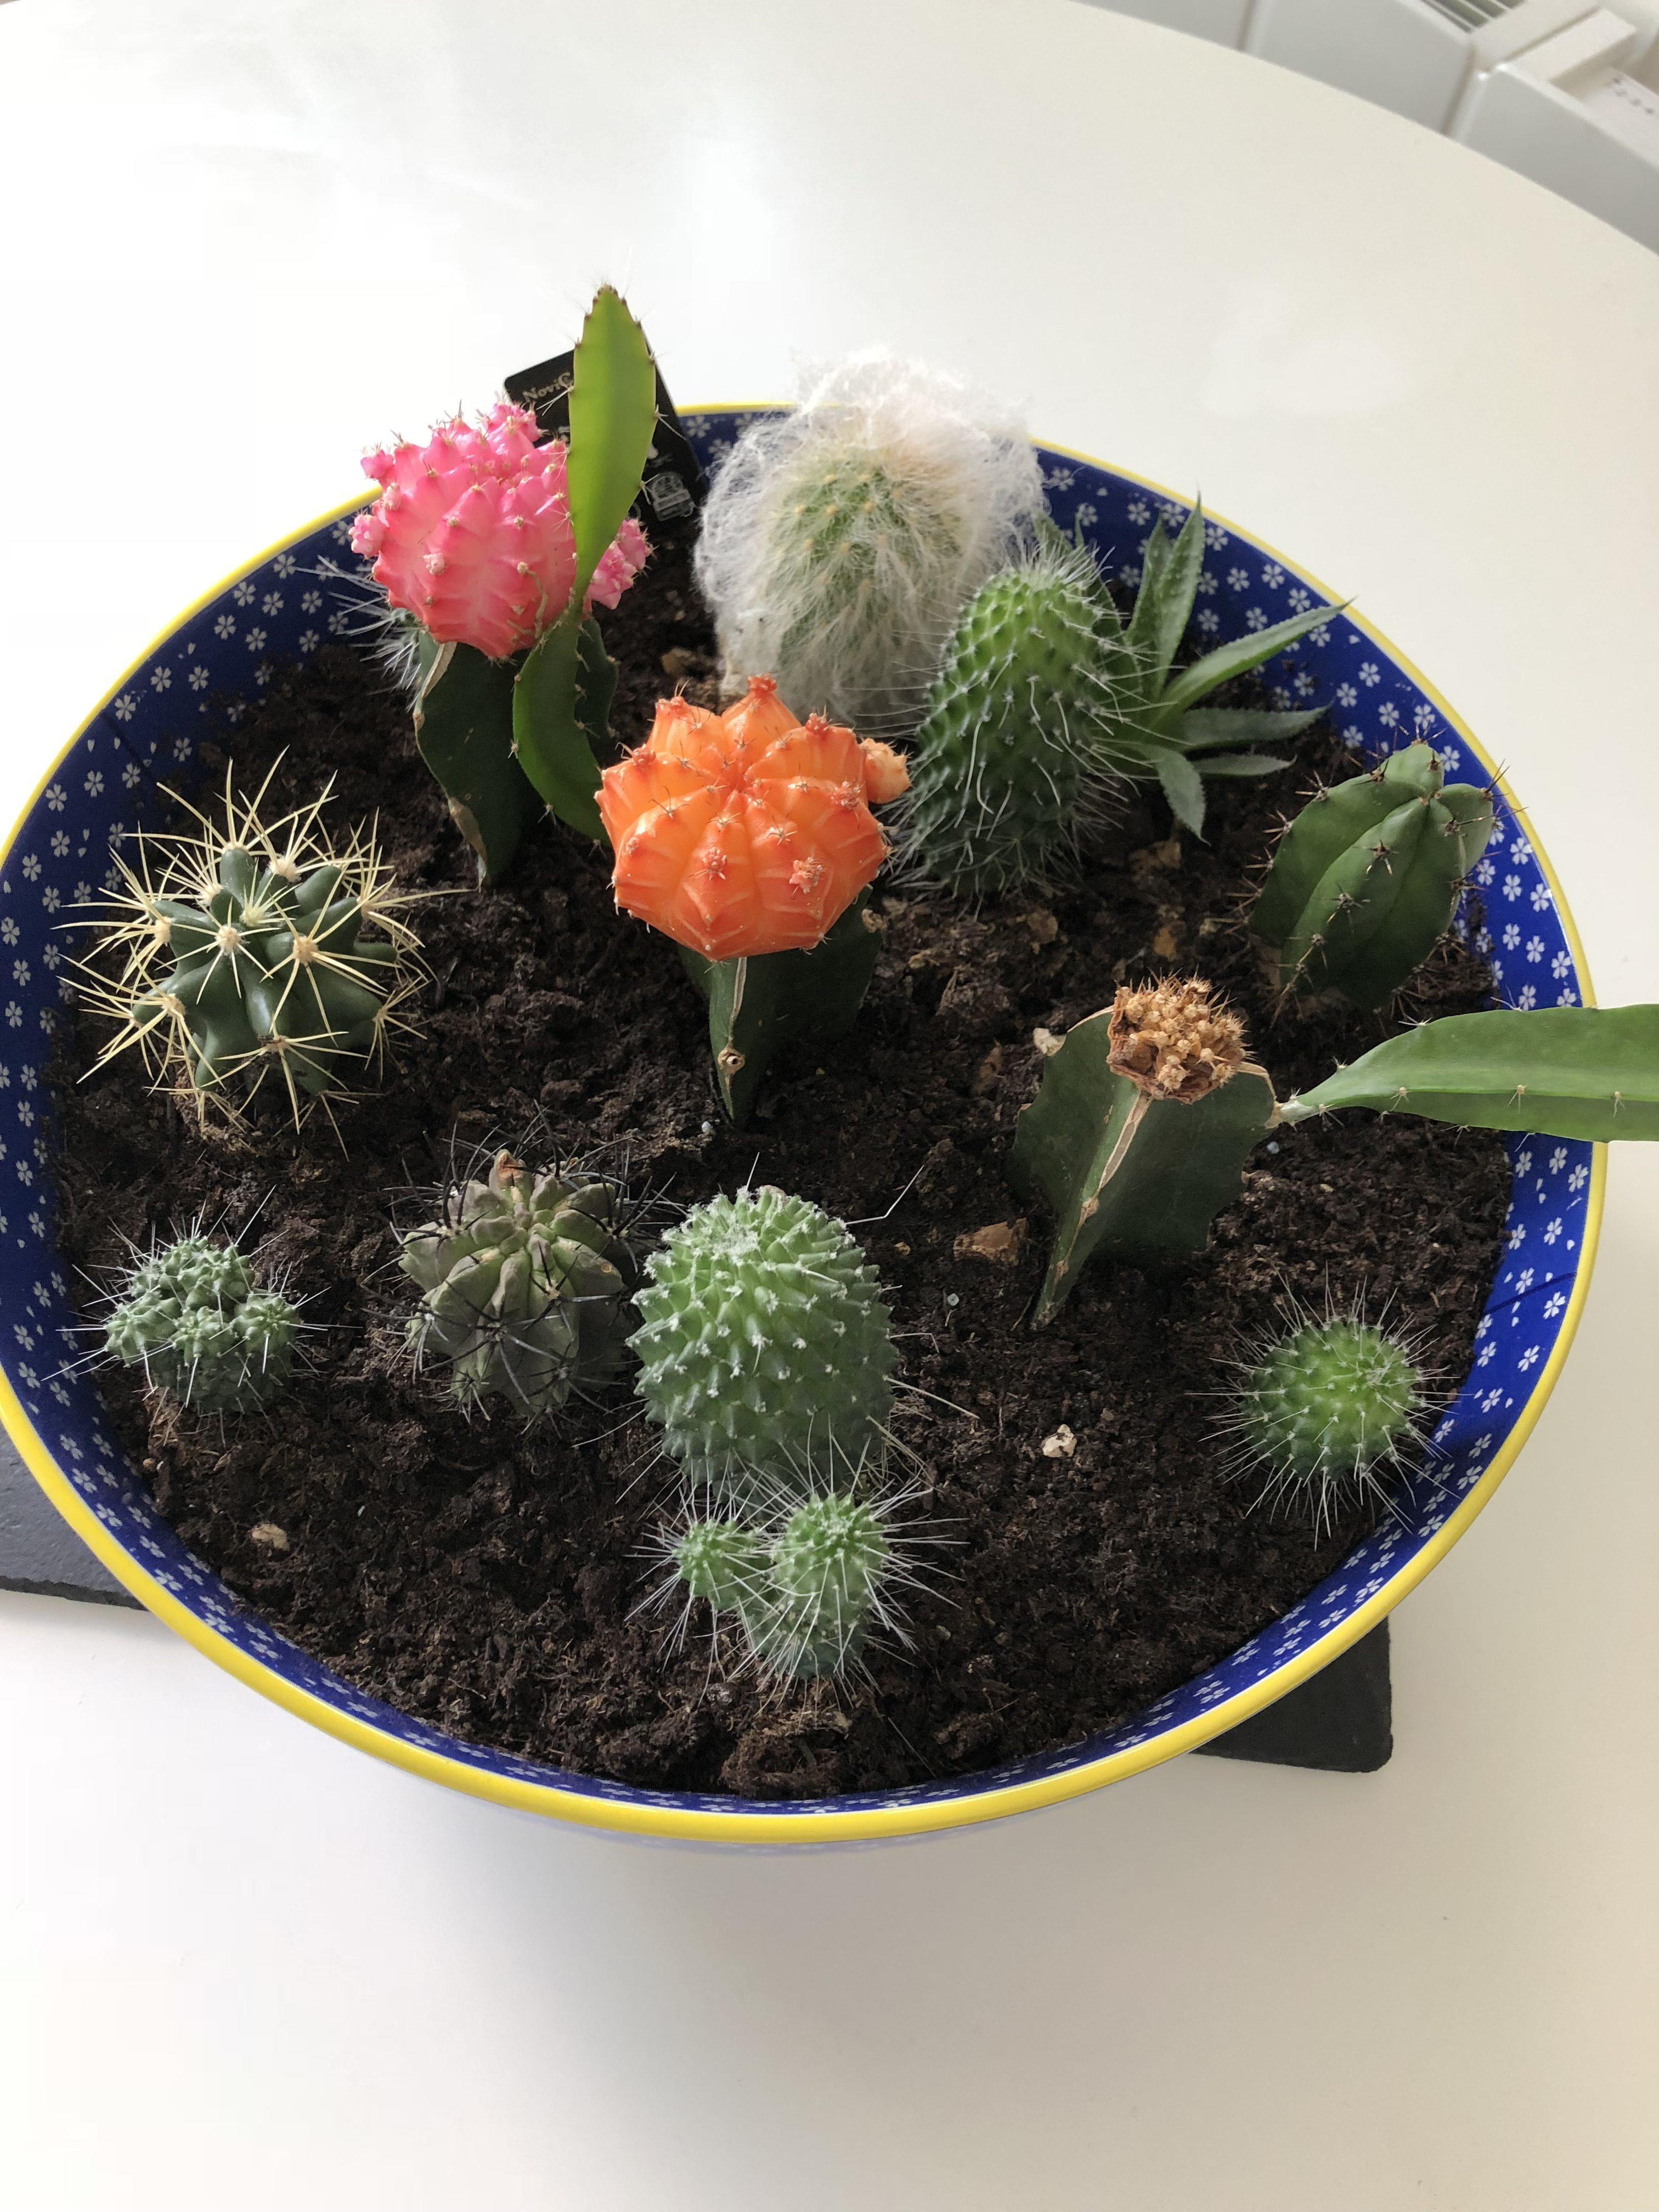 Bowl of Cactus